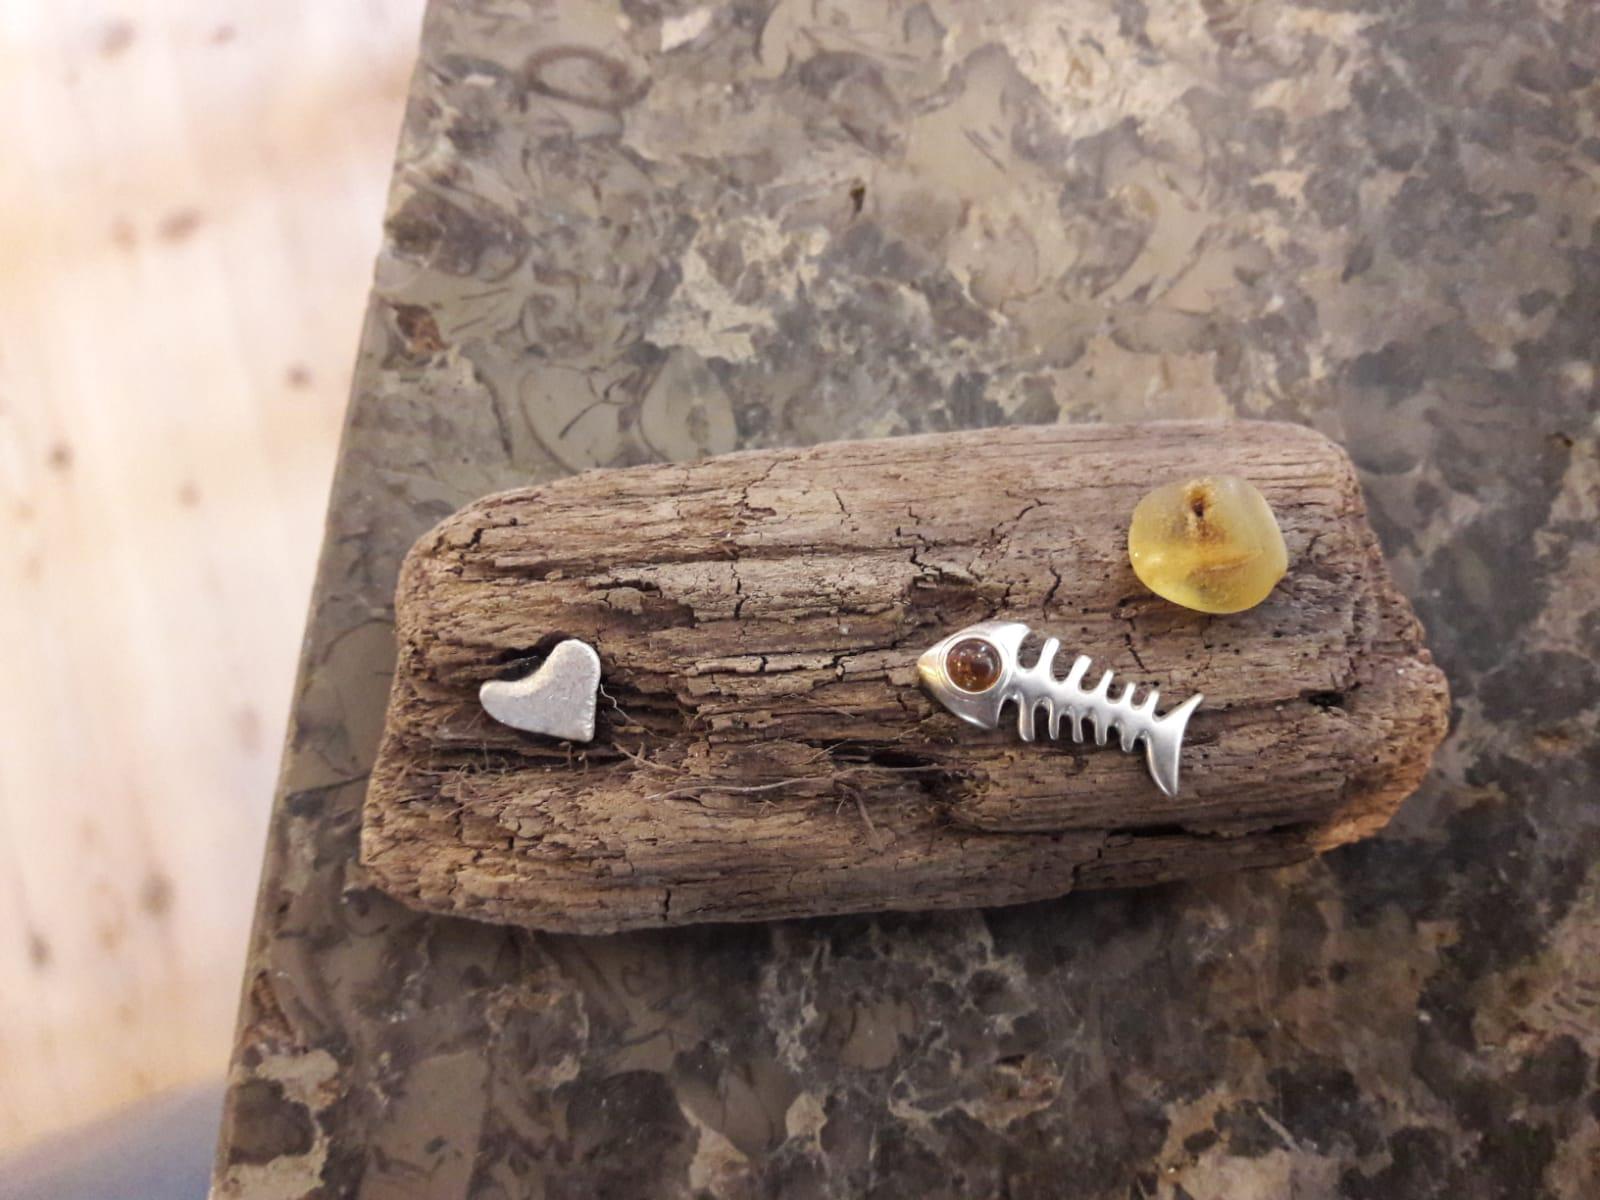 Objekte auf Teibholz